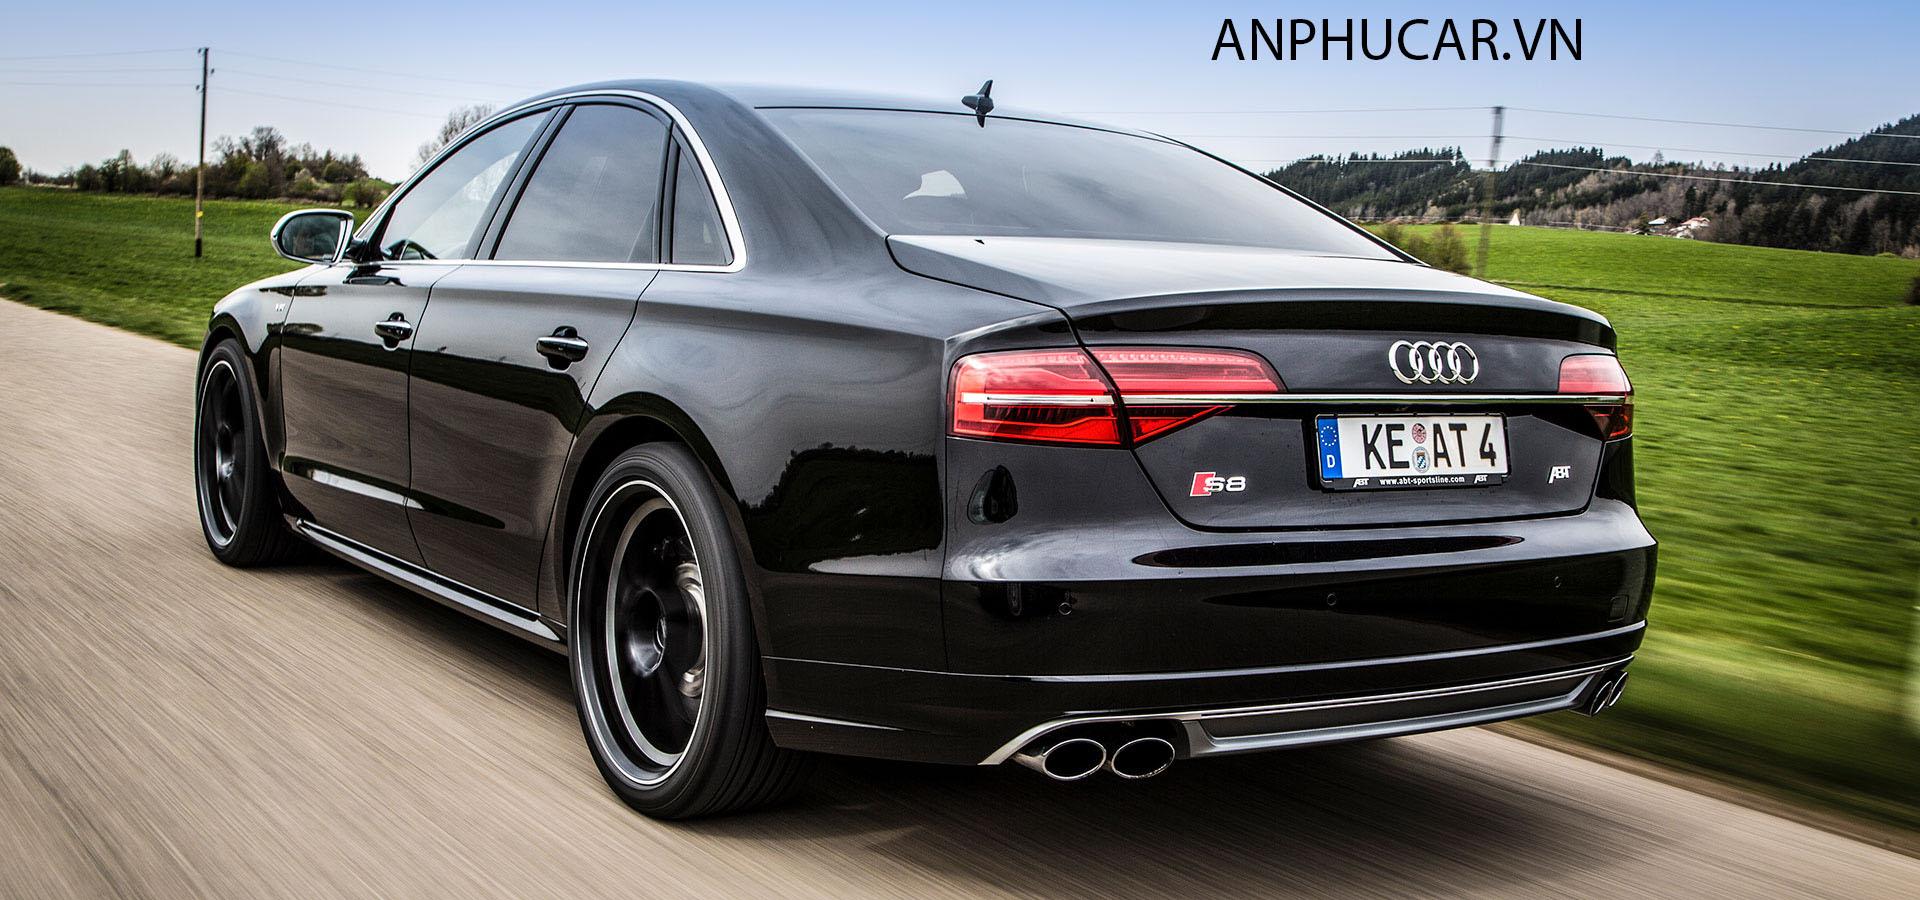 Phần đuôi xe Audi S8 2020